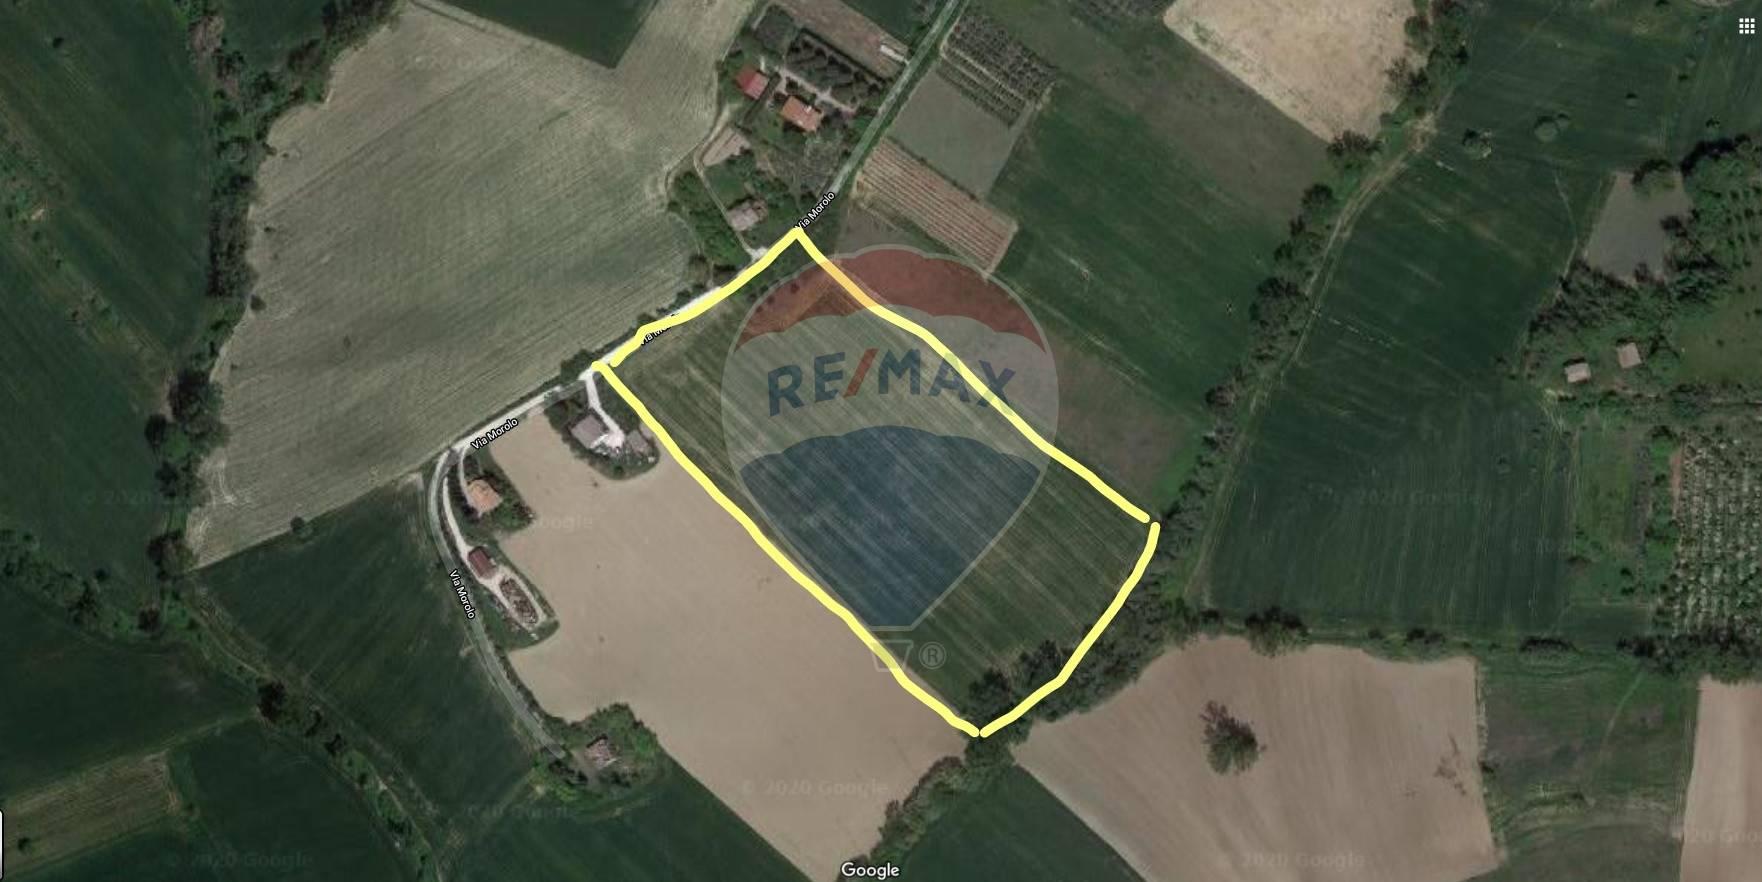 Terreno Agricolo in vendita a Filottrano, 9999 locali, zona Zona: Tornazzano, prezzo € 112.500   CambioCasa.it